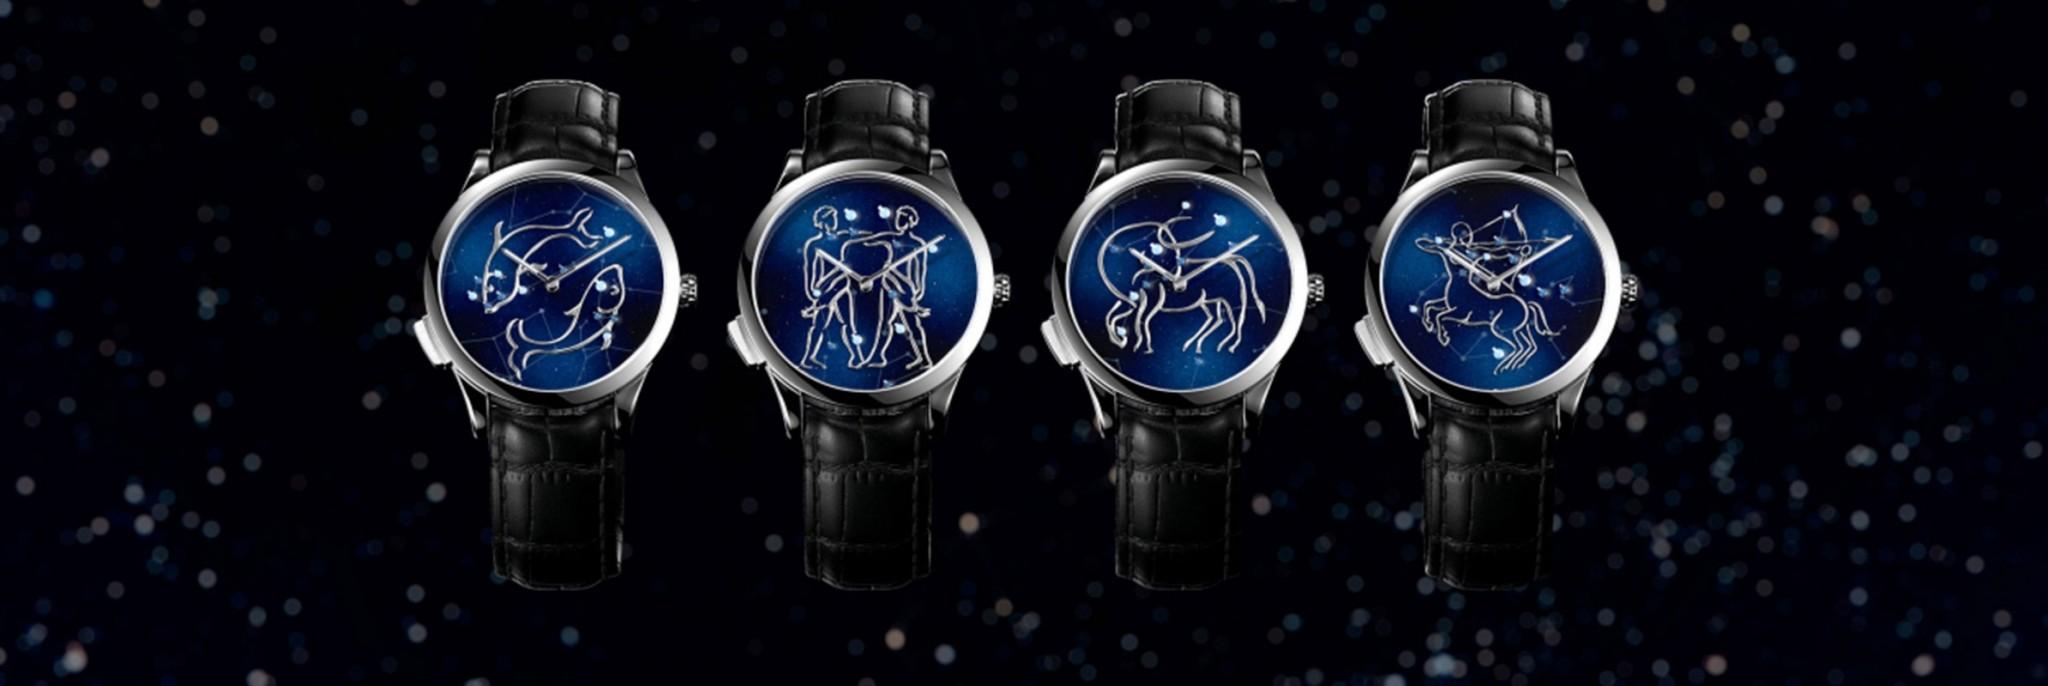 Van Cleef & Arpels ترسم النجوم بعقارب الوقت